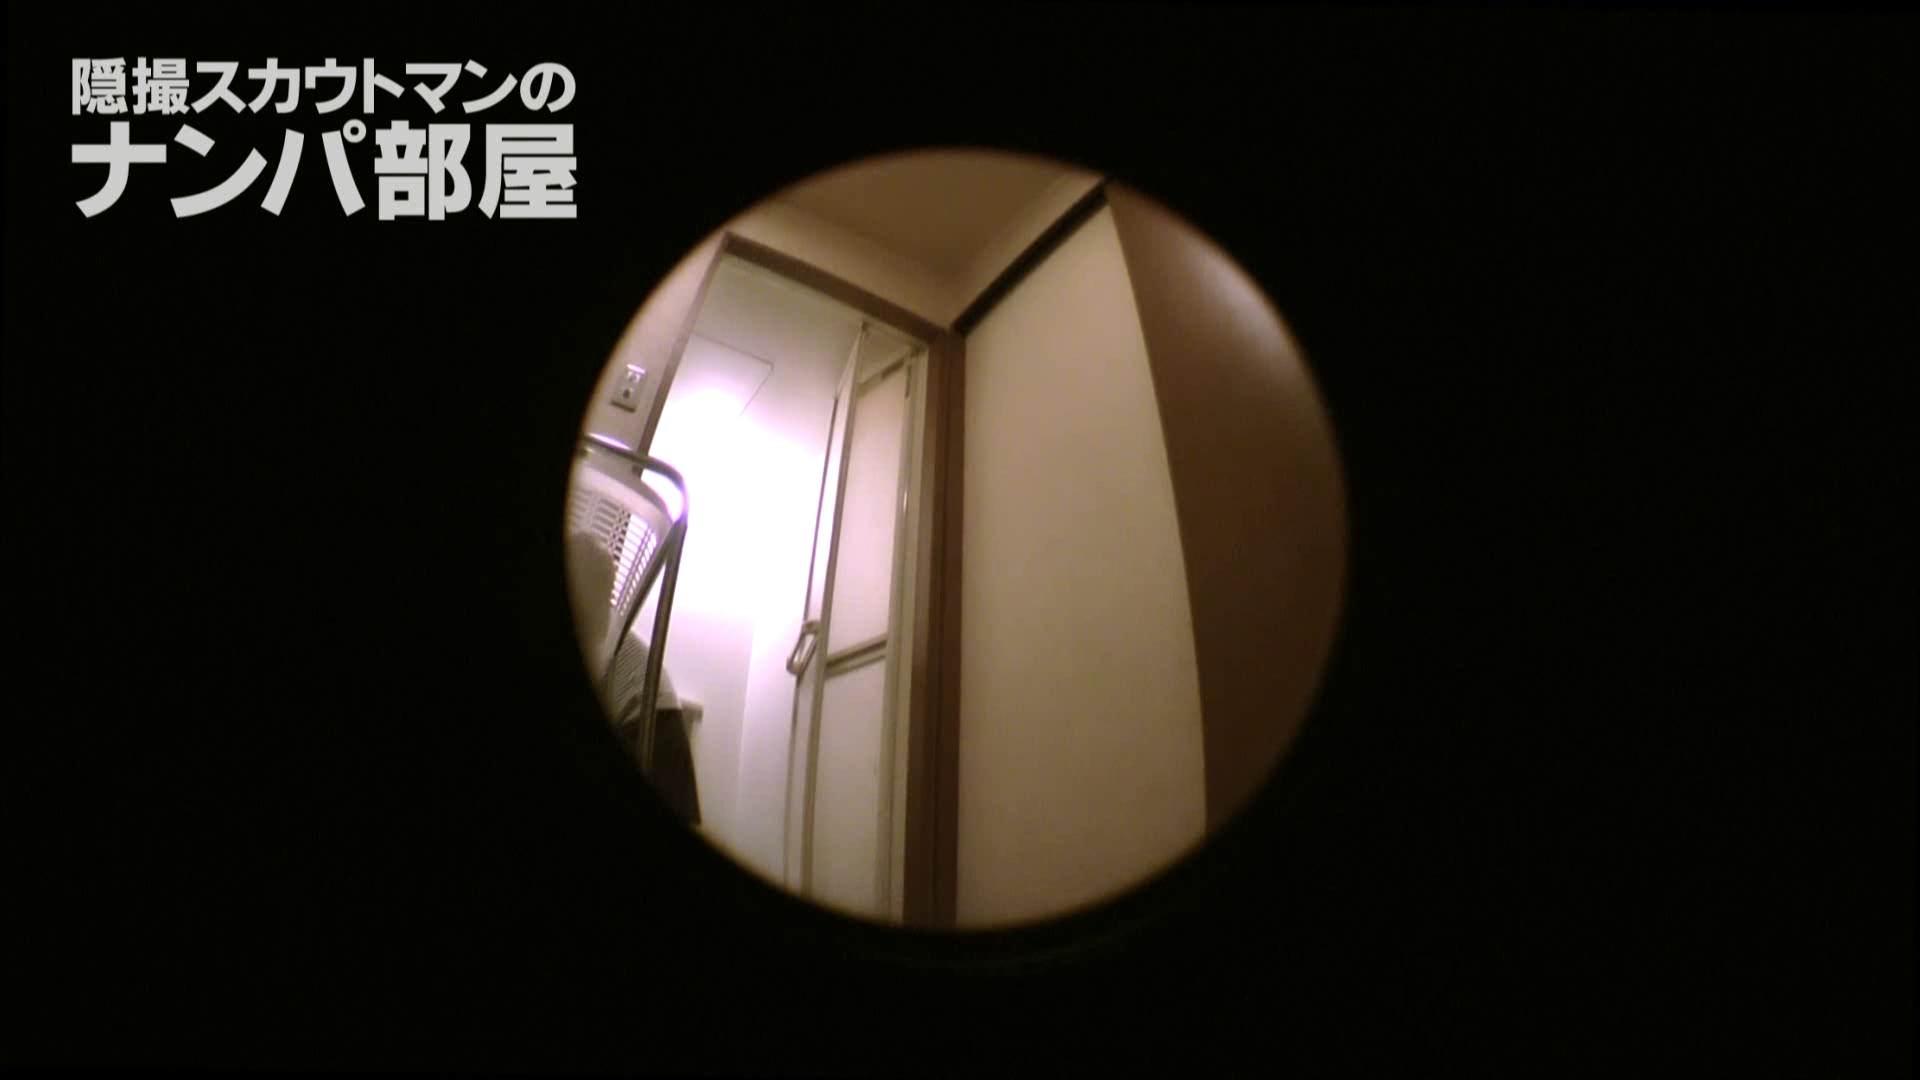 隠撮スカウトマンのナンパ部屋~風俗デビュー前のつまみ食い~ siivol.3 ナンパ  92PIX 20